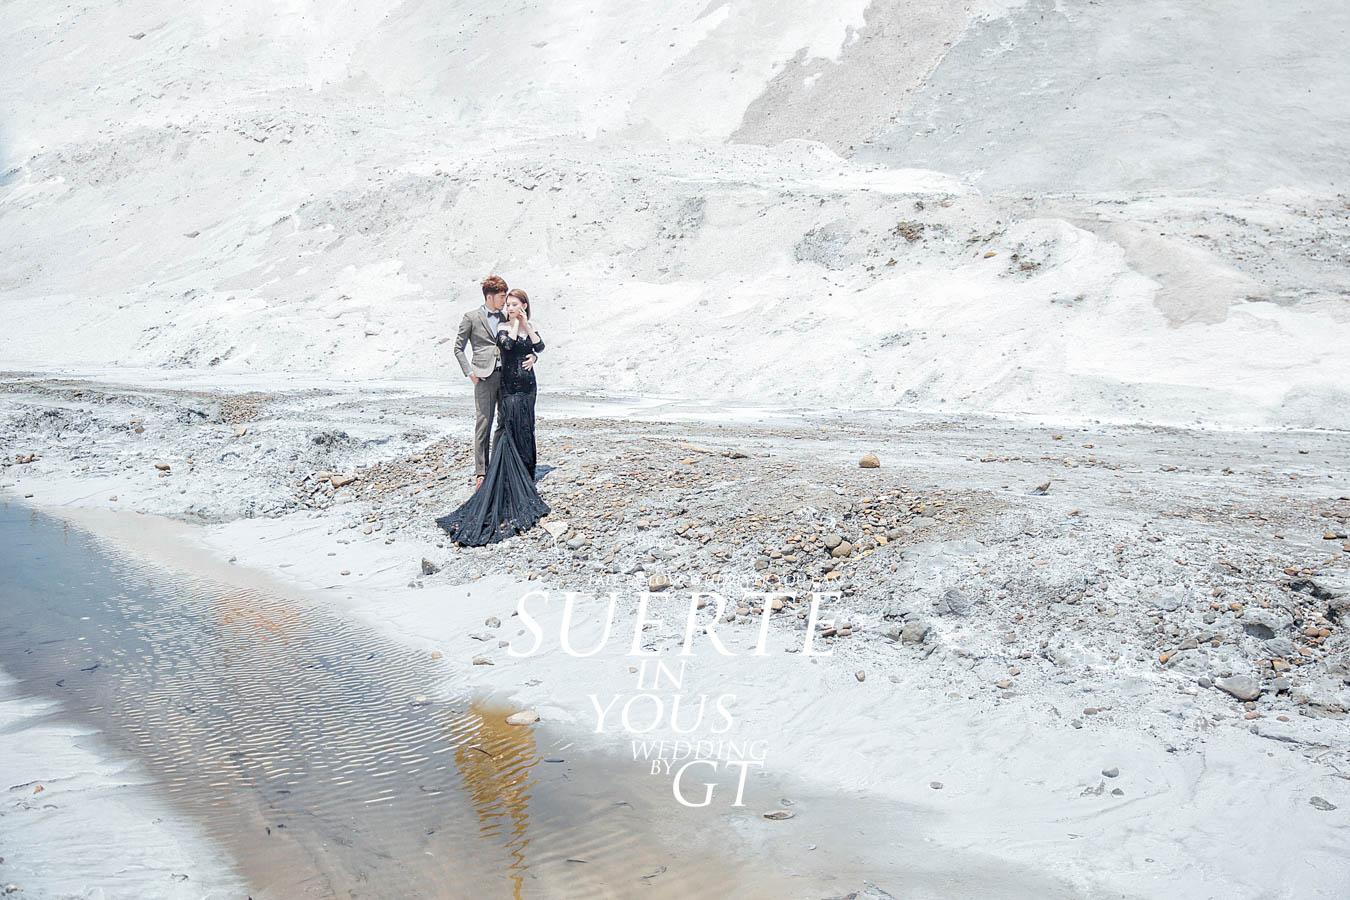 自助婚紗 | 國志+雅菁 PREWEDDING GT拍攝 |國內婚紗|台南婚紗